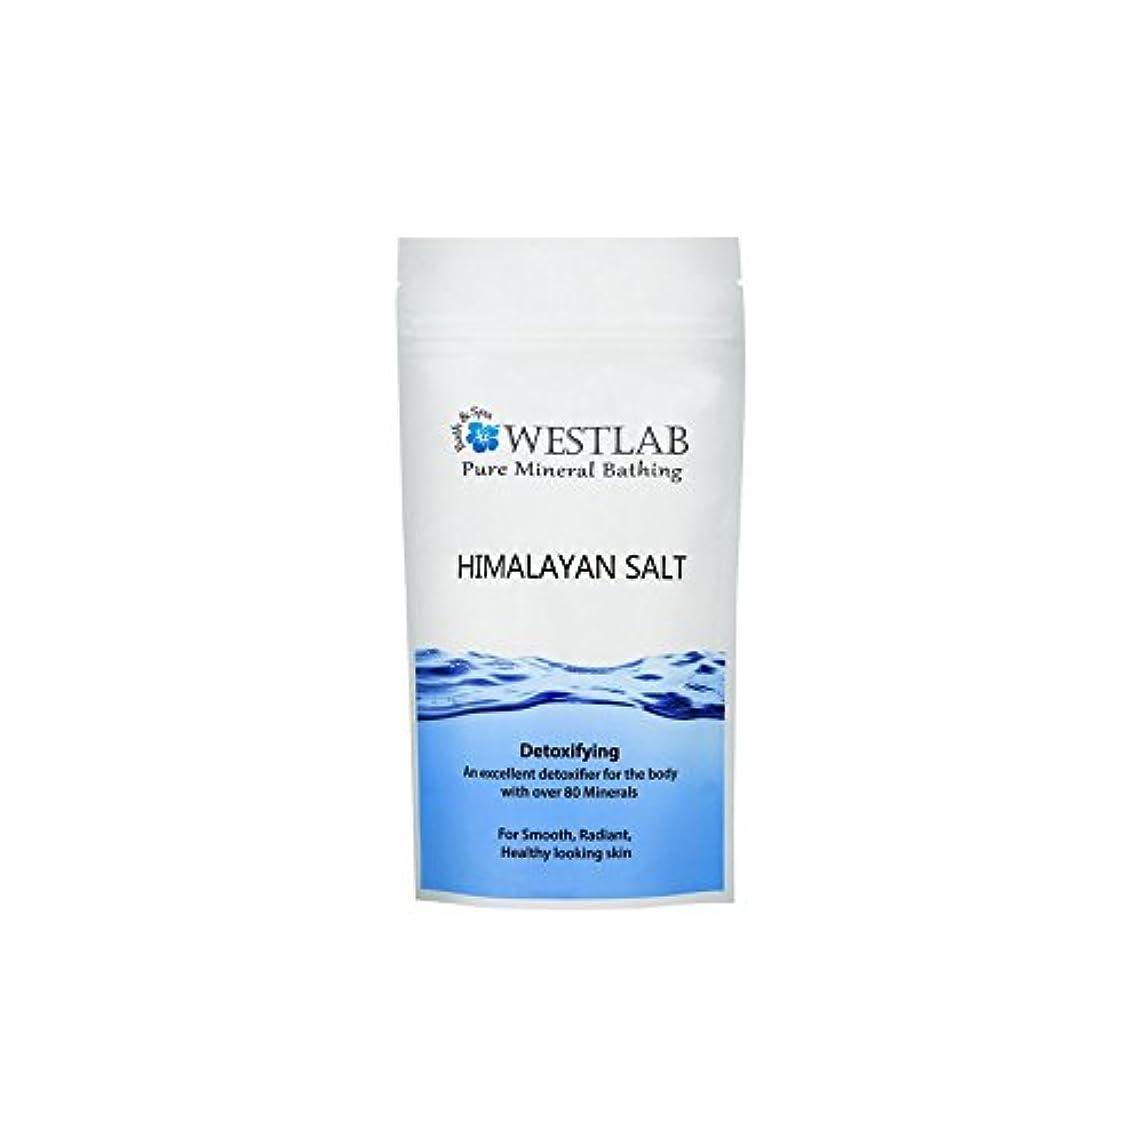 裏切りシンボル集団的ヒマラヤの塩500グラム x2 - Westlab Himalayan Salt 500g (Pack of 2) [並行輸入品]